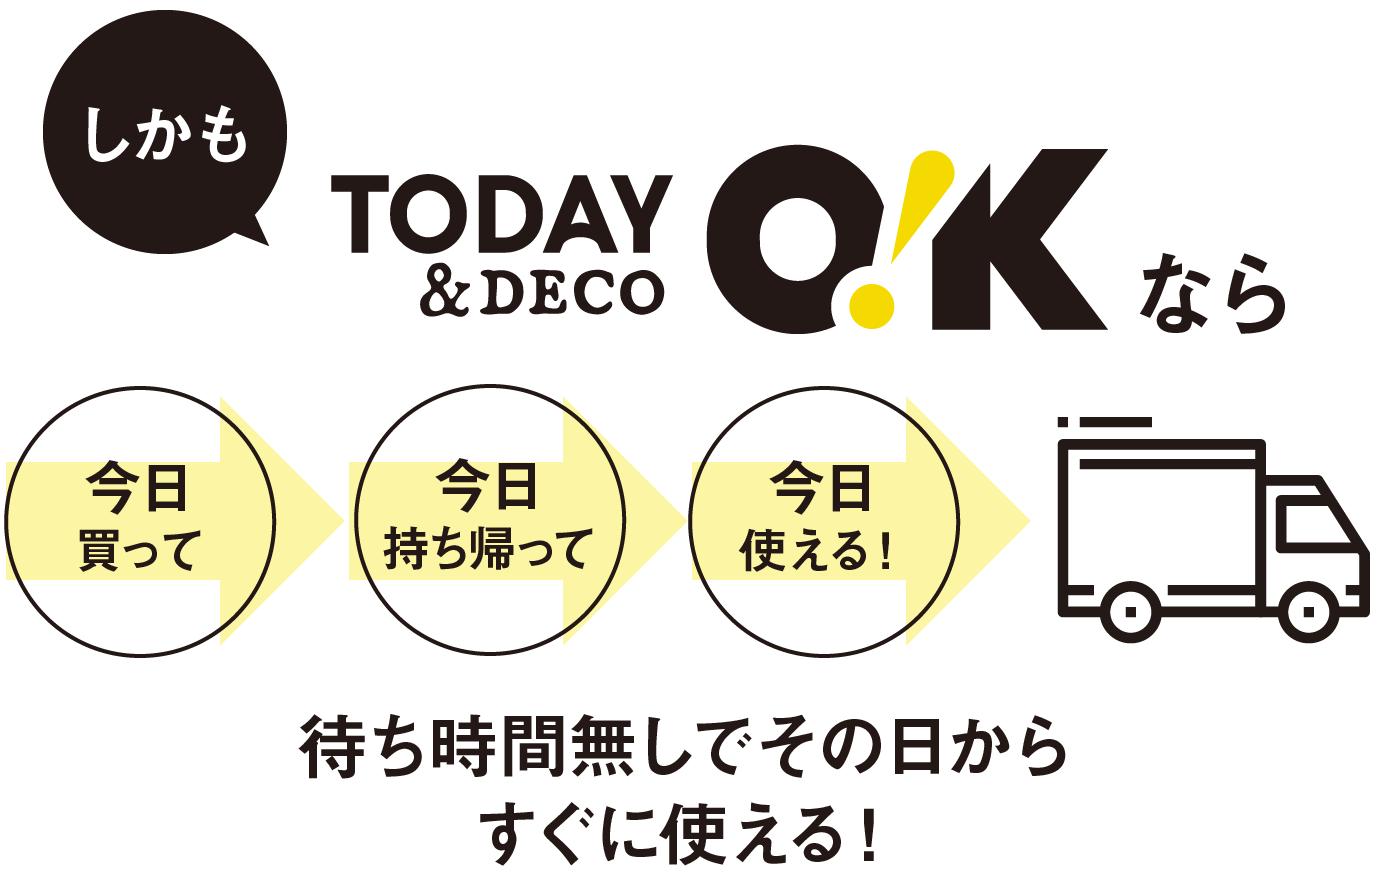 しかもTODAY O!K & DECOなら!今日買って持ち帰って使える!待ち時間無しでその日からすぐに使える!